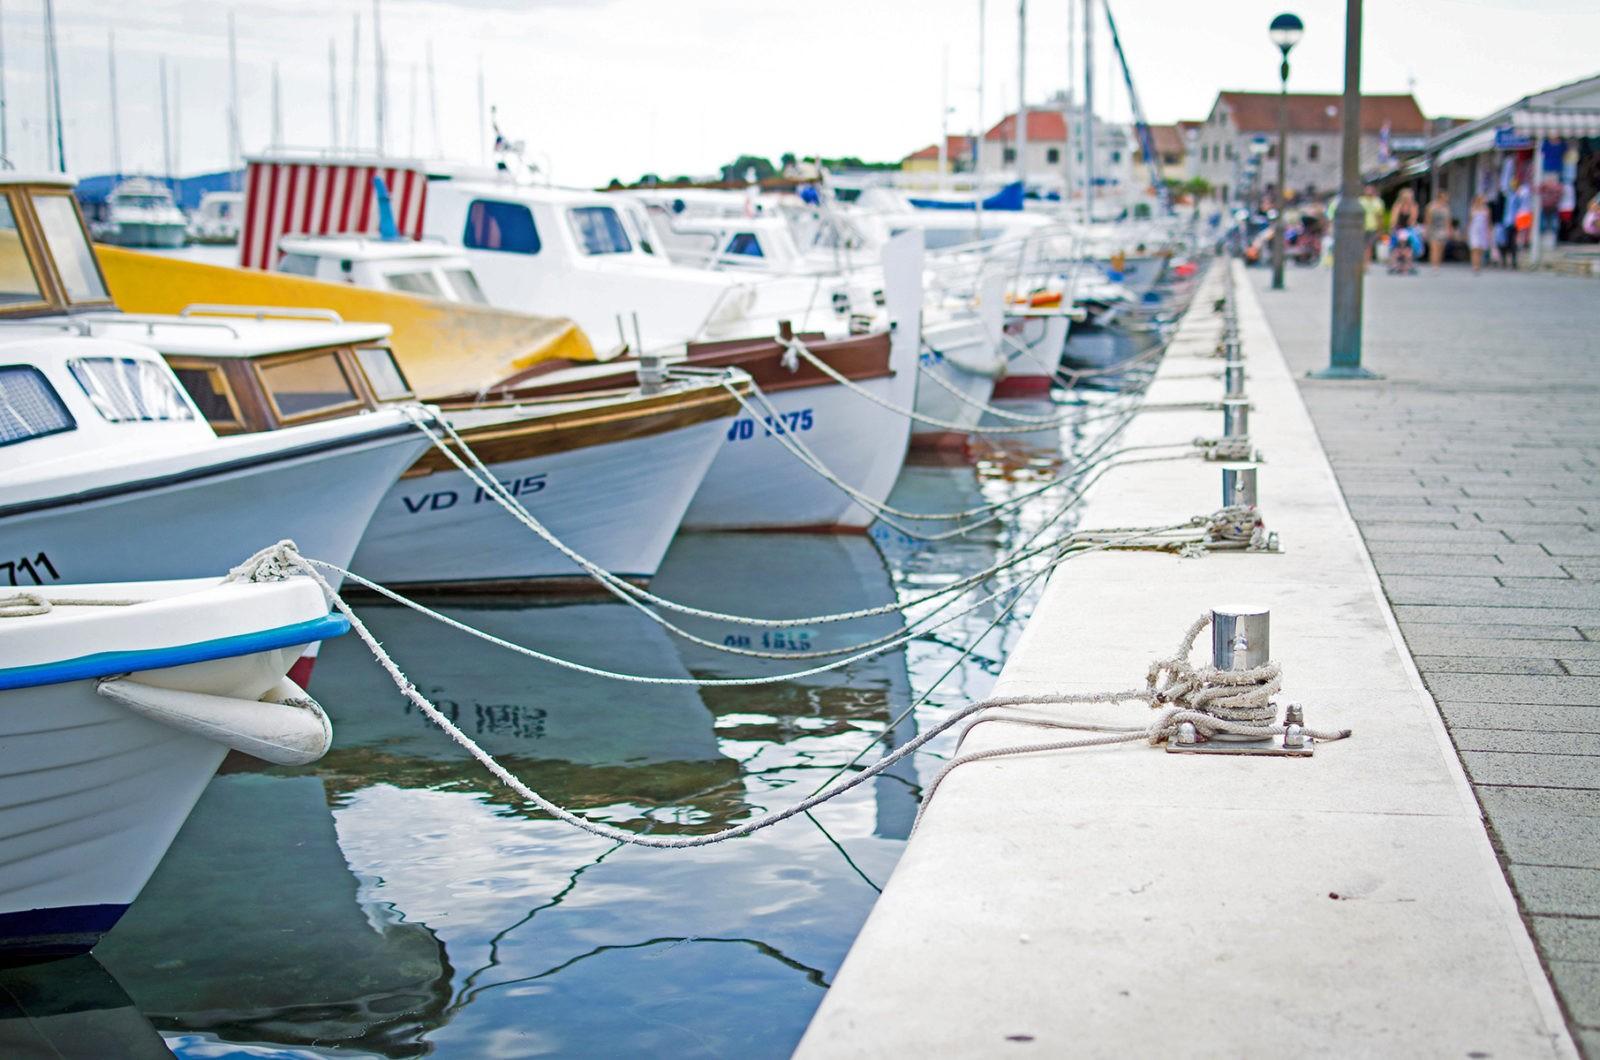 Skal du købe båd? Ti ting du skal spørge sælger om